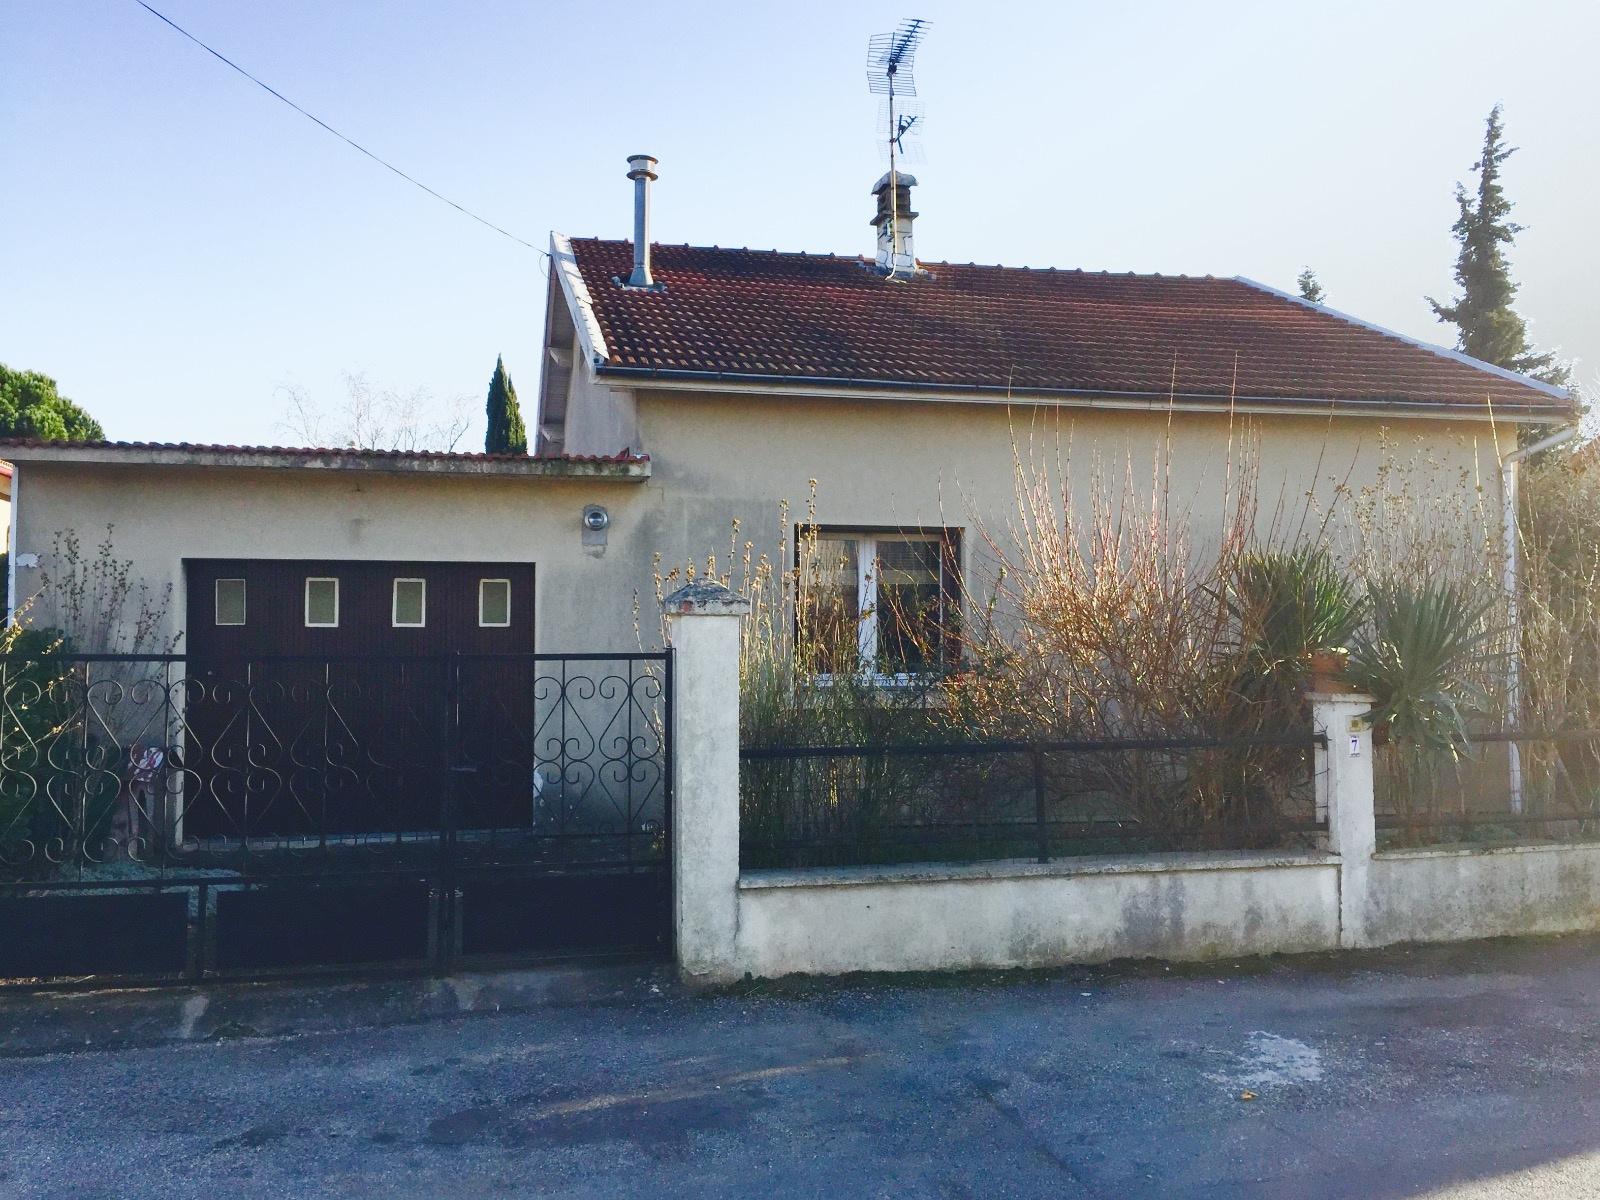 Vente maison bourg de p age 26300 sur le partenaire for Piscine diabolo a bourg de peage